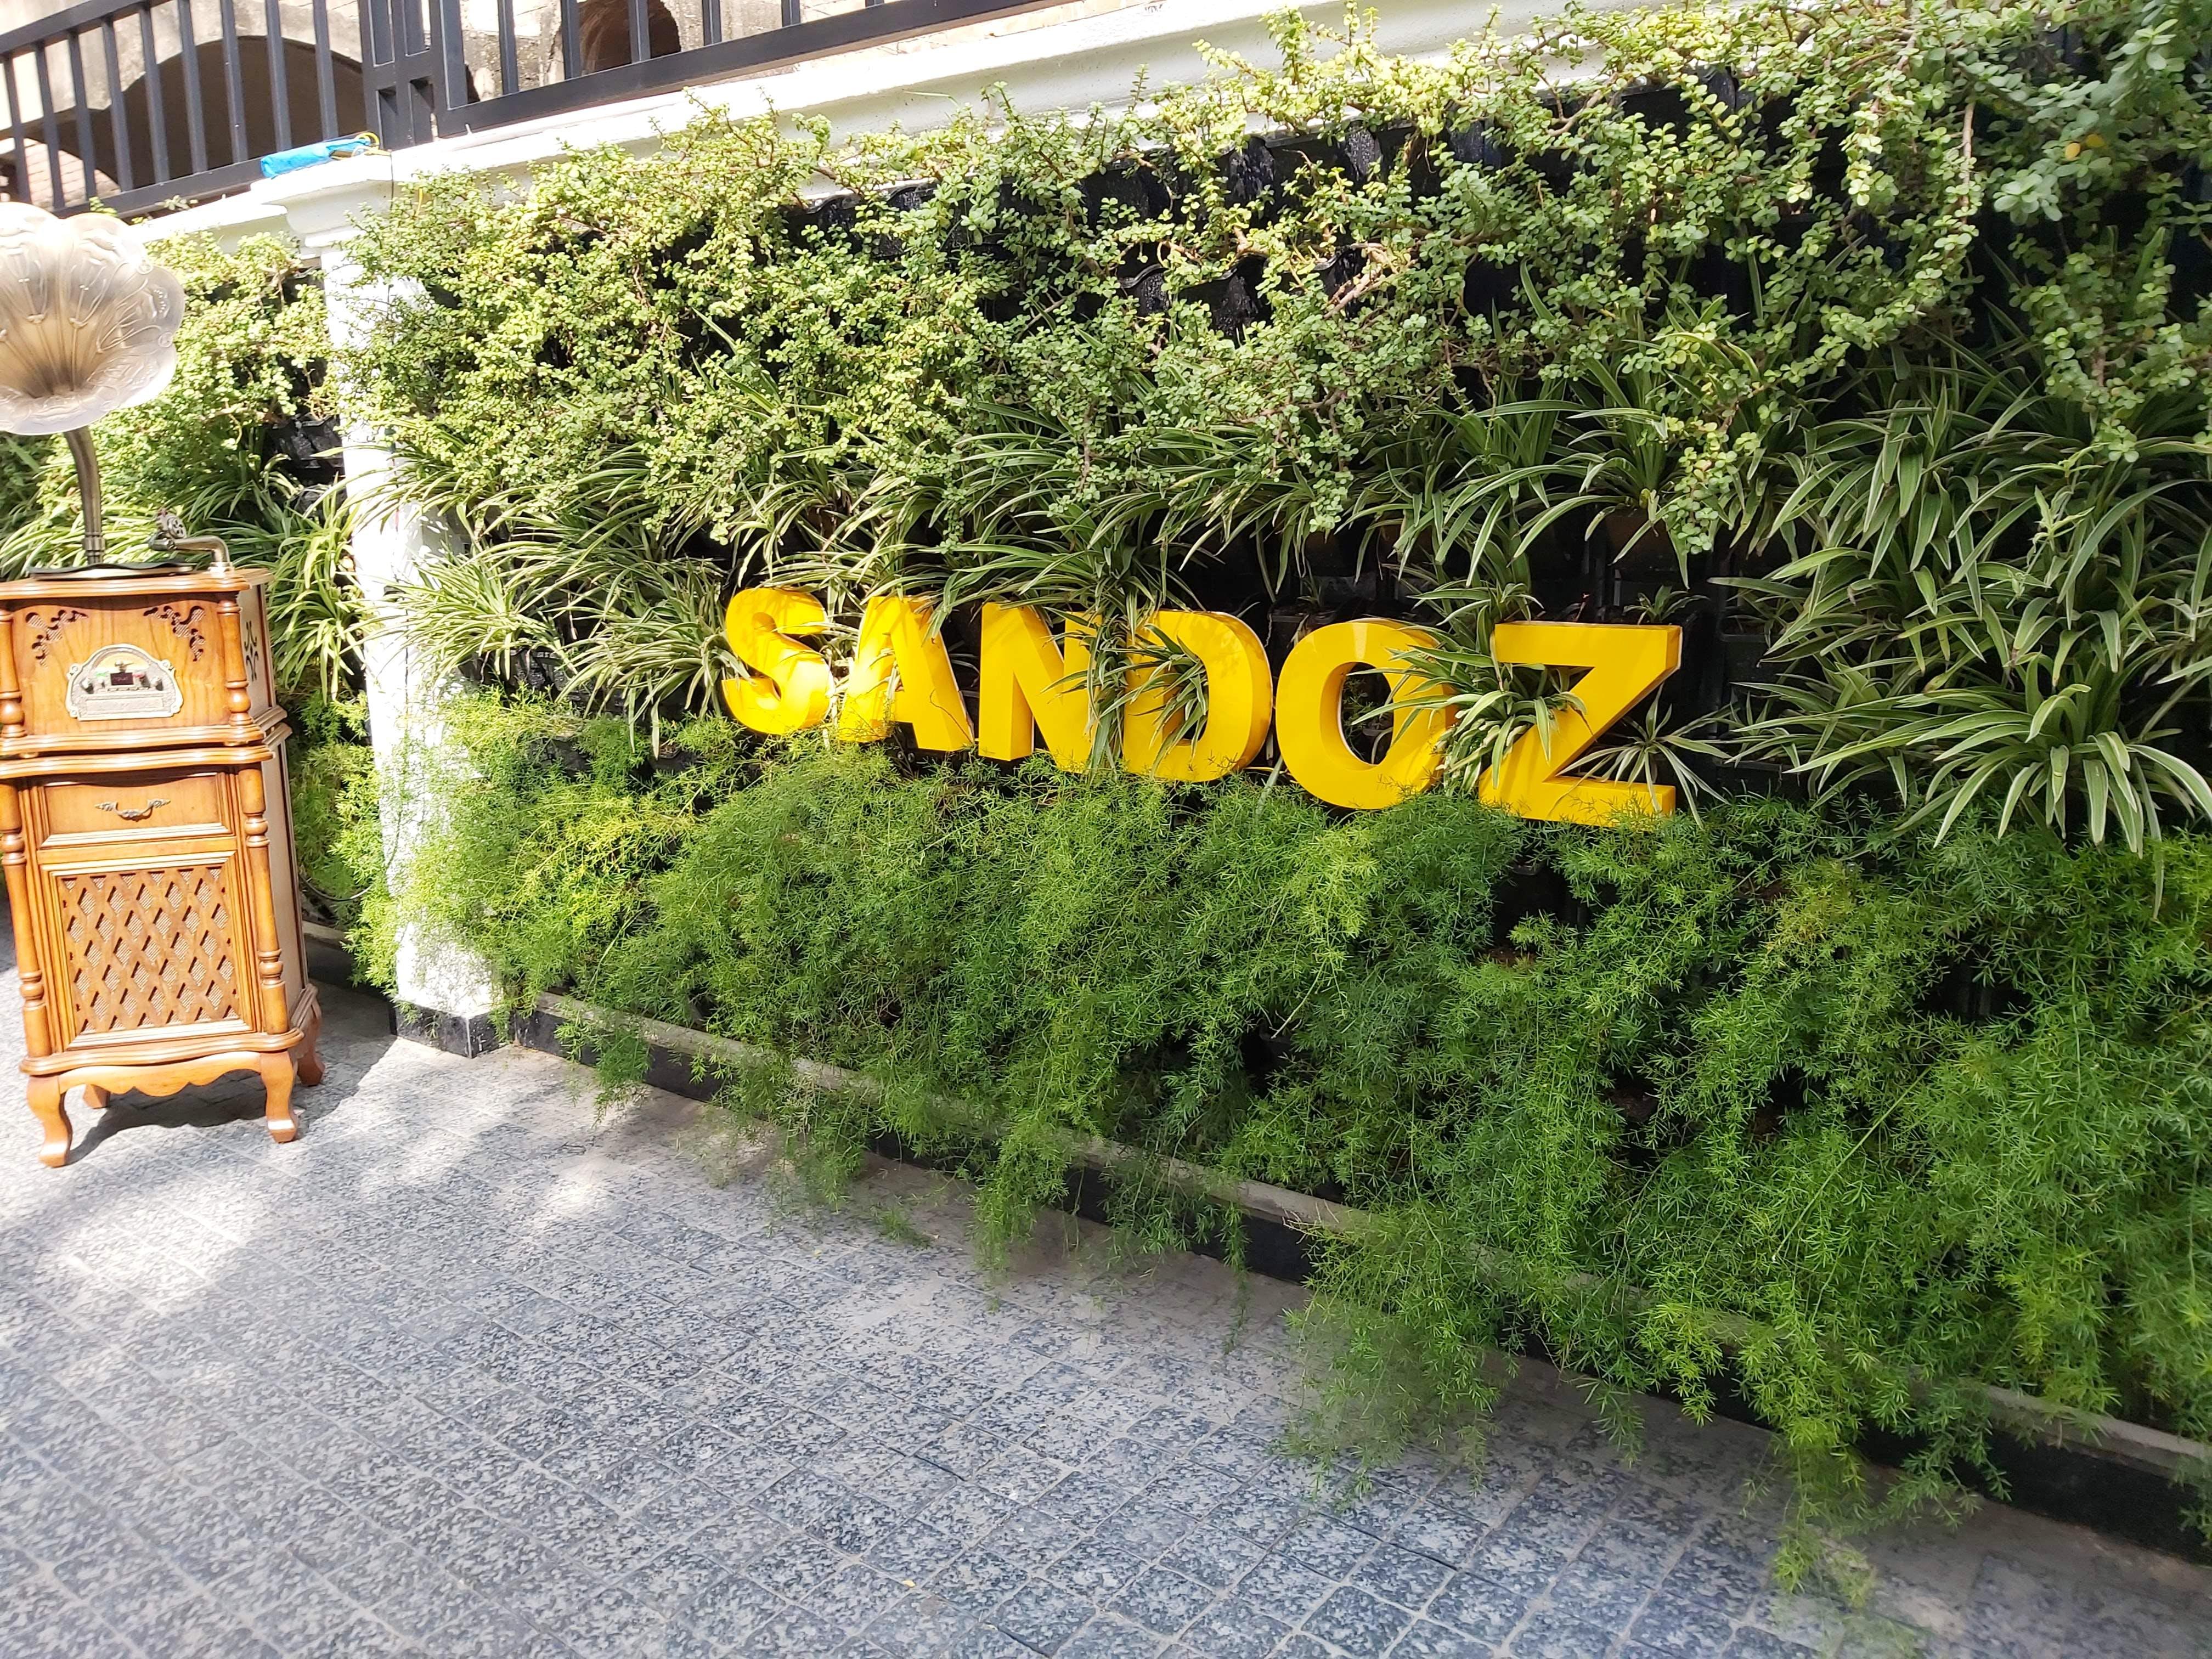 image - Sandoz